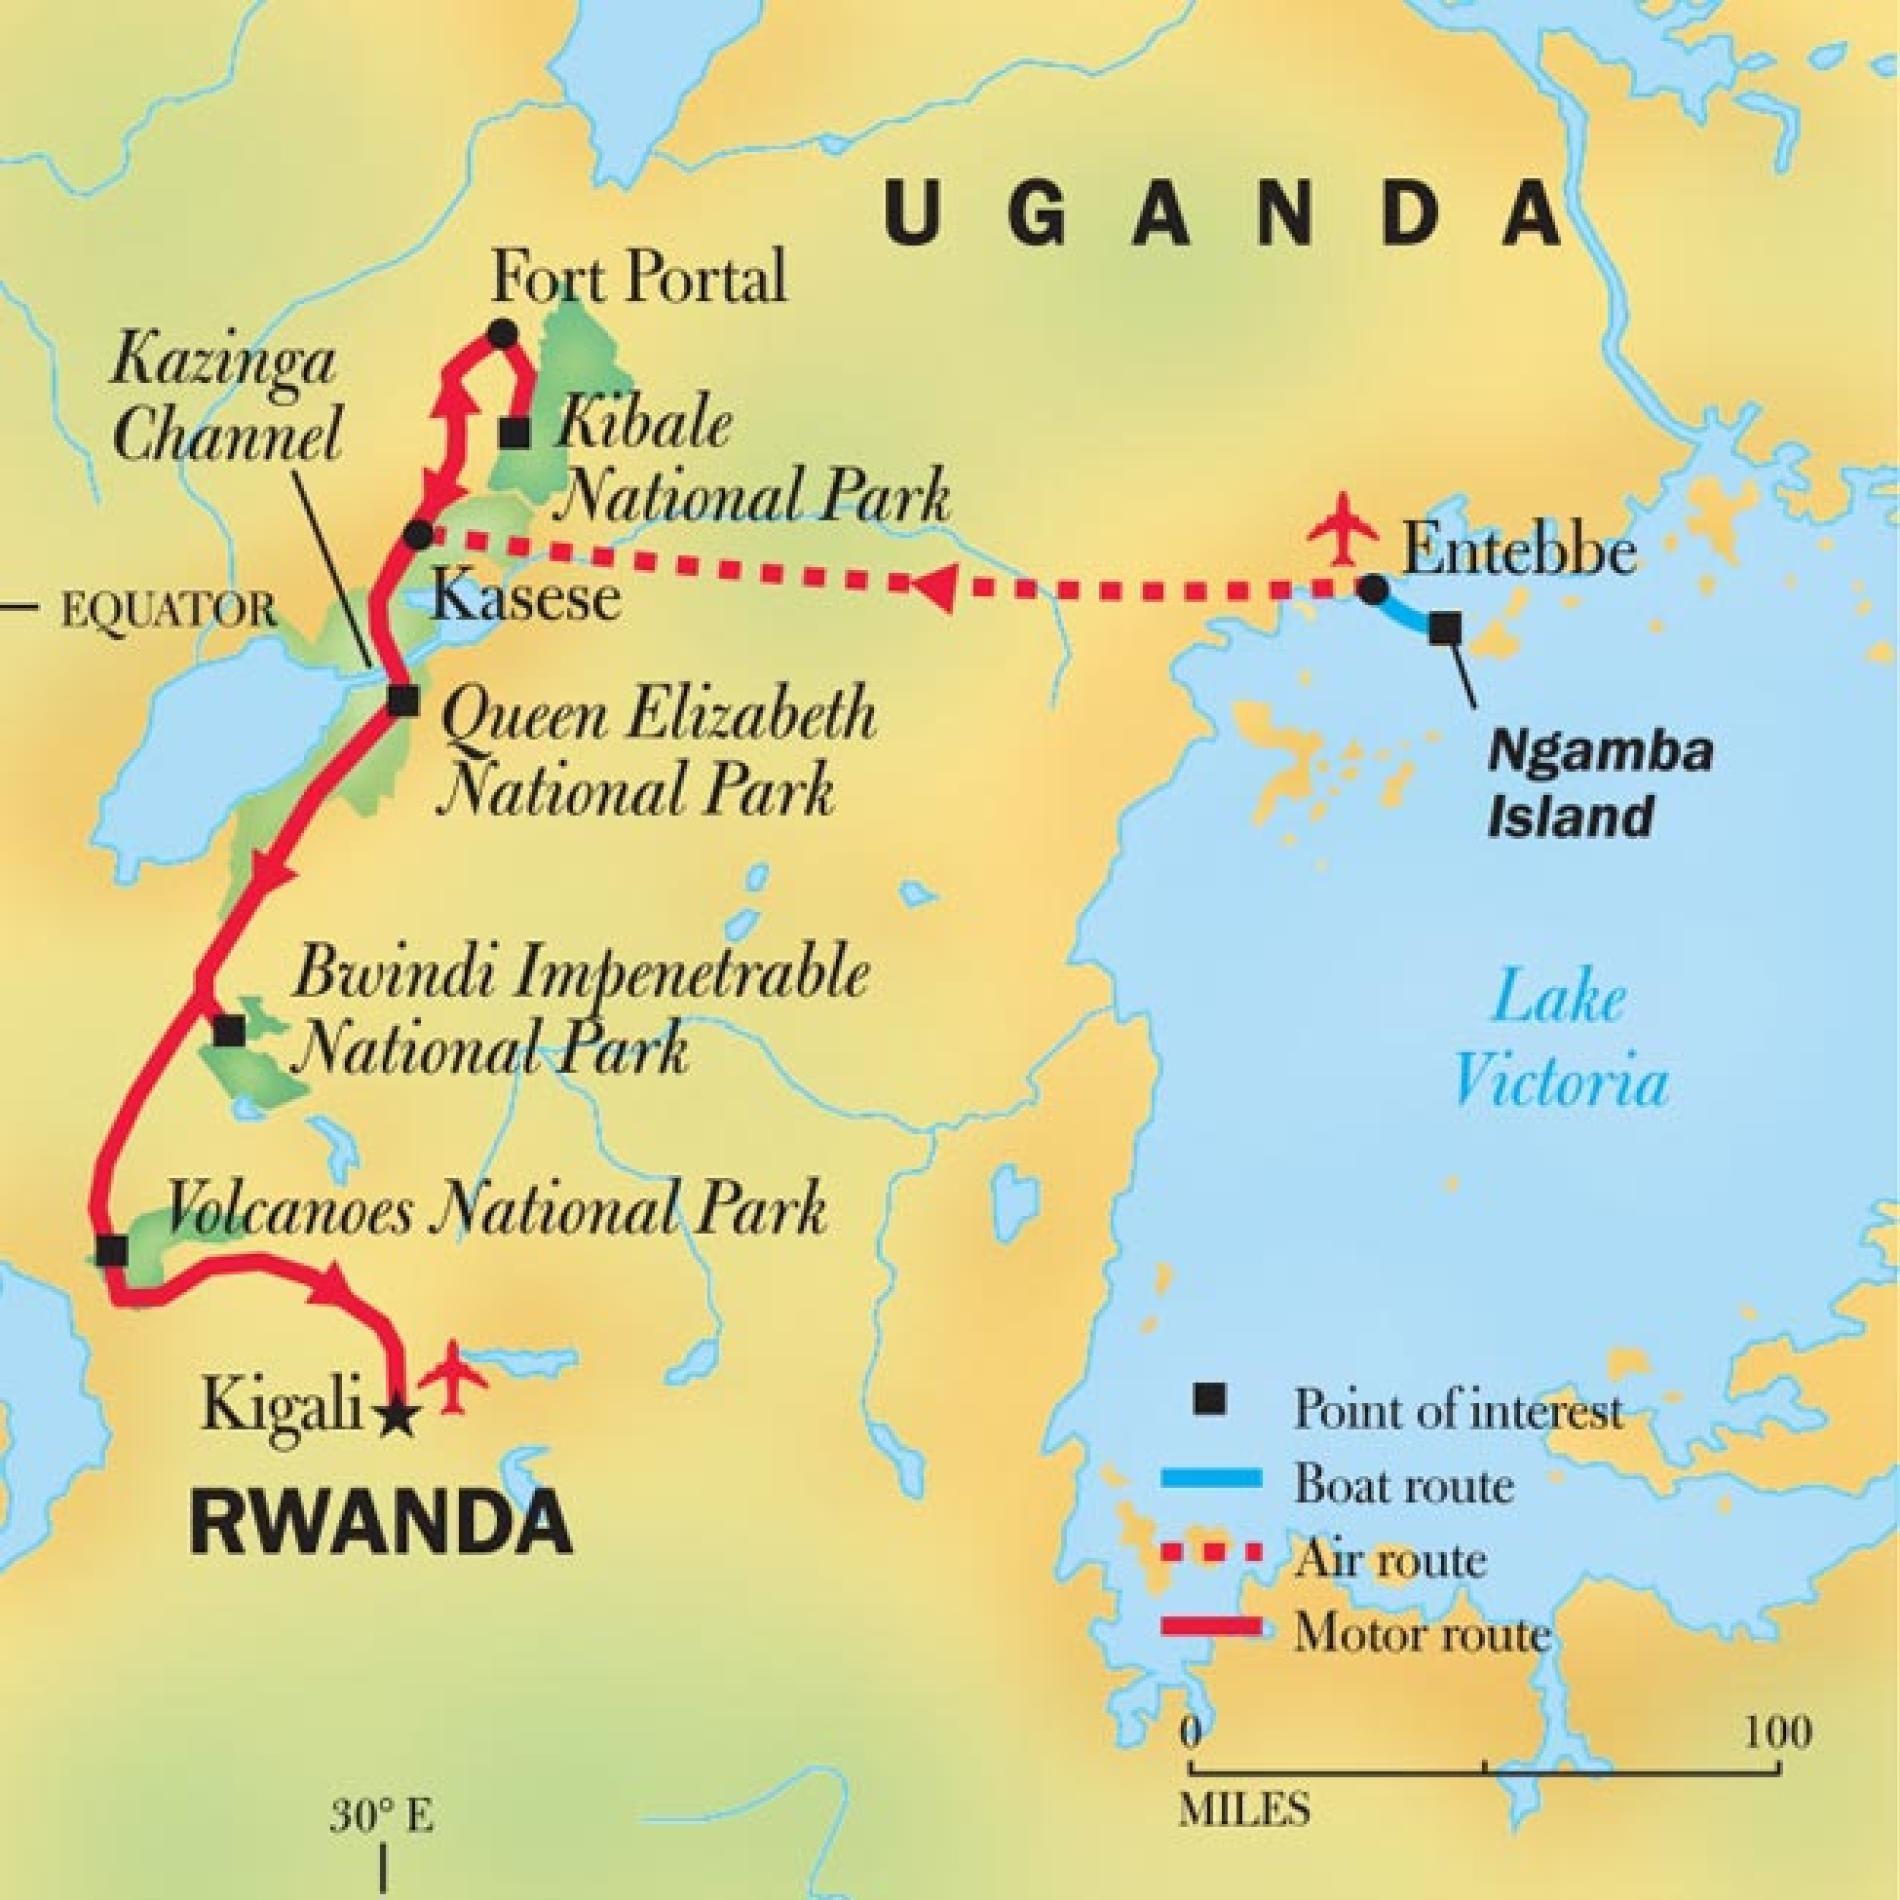 Rwanda Uganda Mountain Gorilla Safari Uganda Gorilla Trekking